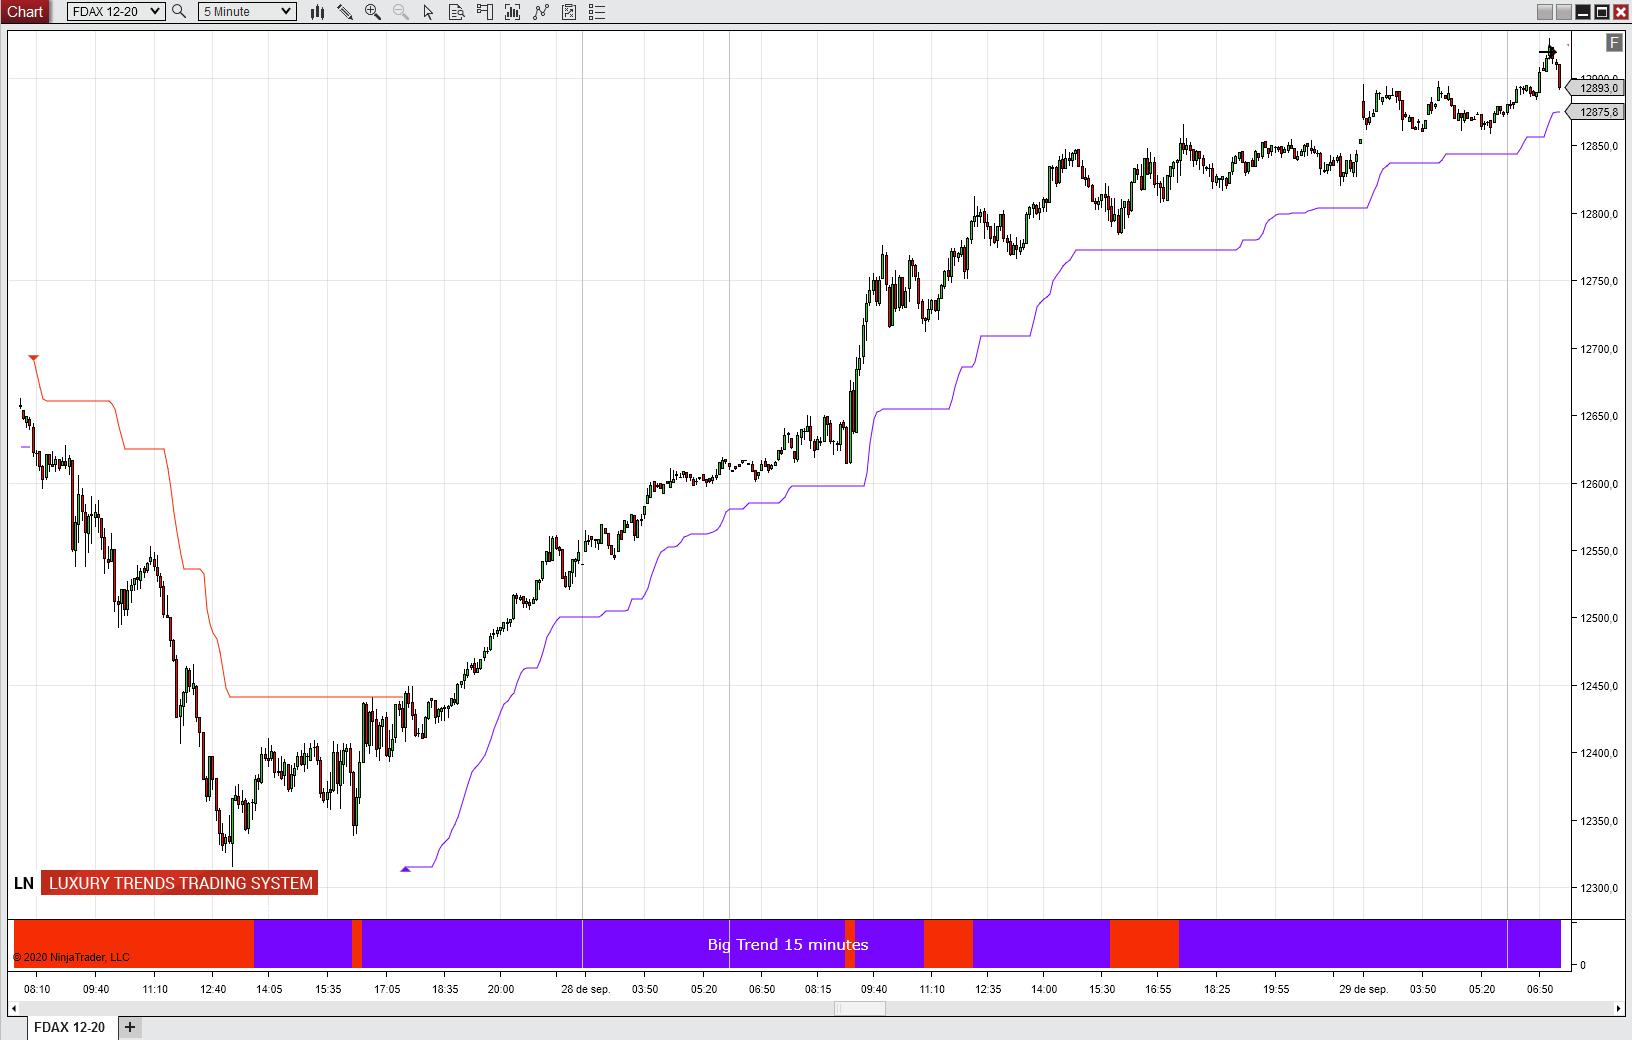 https://www.ninjatrader.trade/ninjatrader8/uploads/FDAX.trend.future.market.luxury.trends.Super.trade.System.NT8.3.png